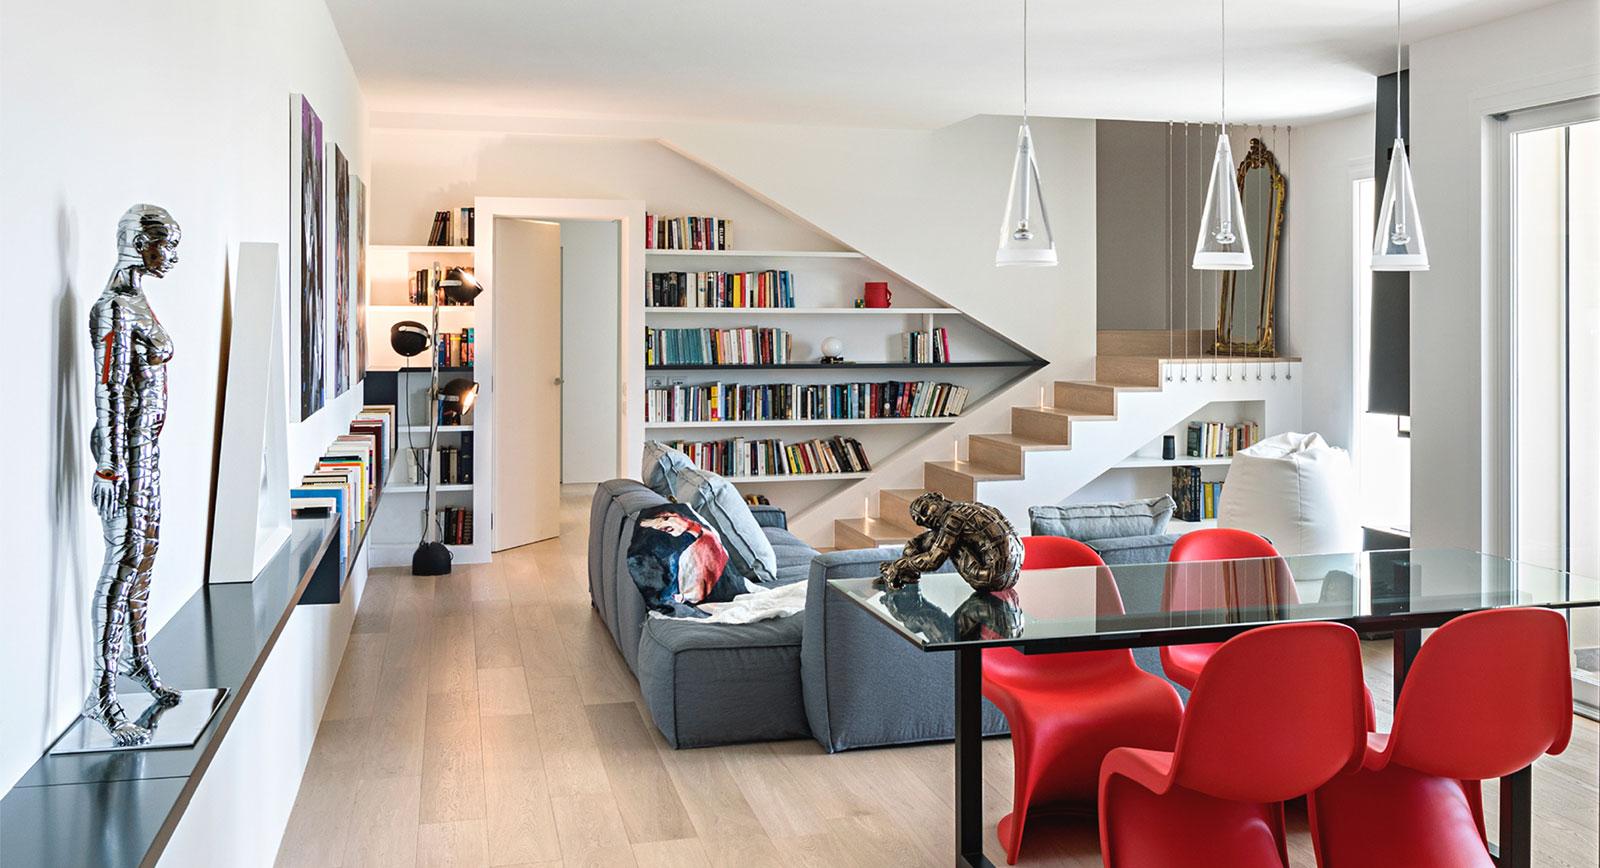 Arredamenti Interni Case Moderne interni case moderne | design case moderne